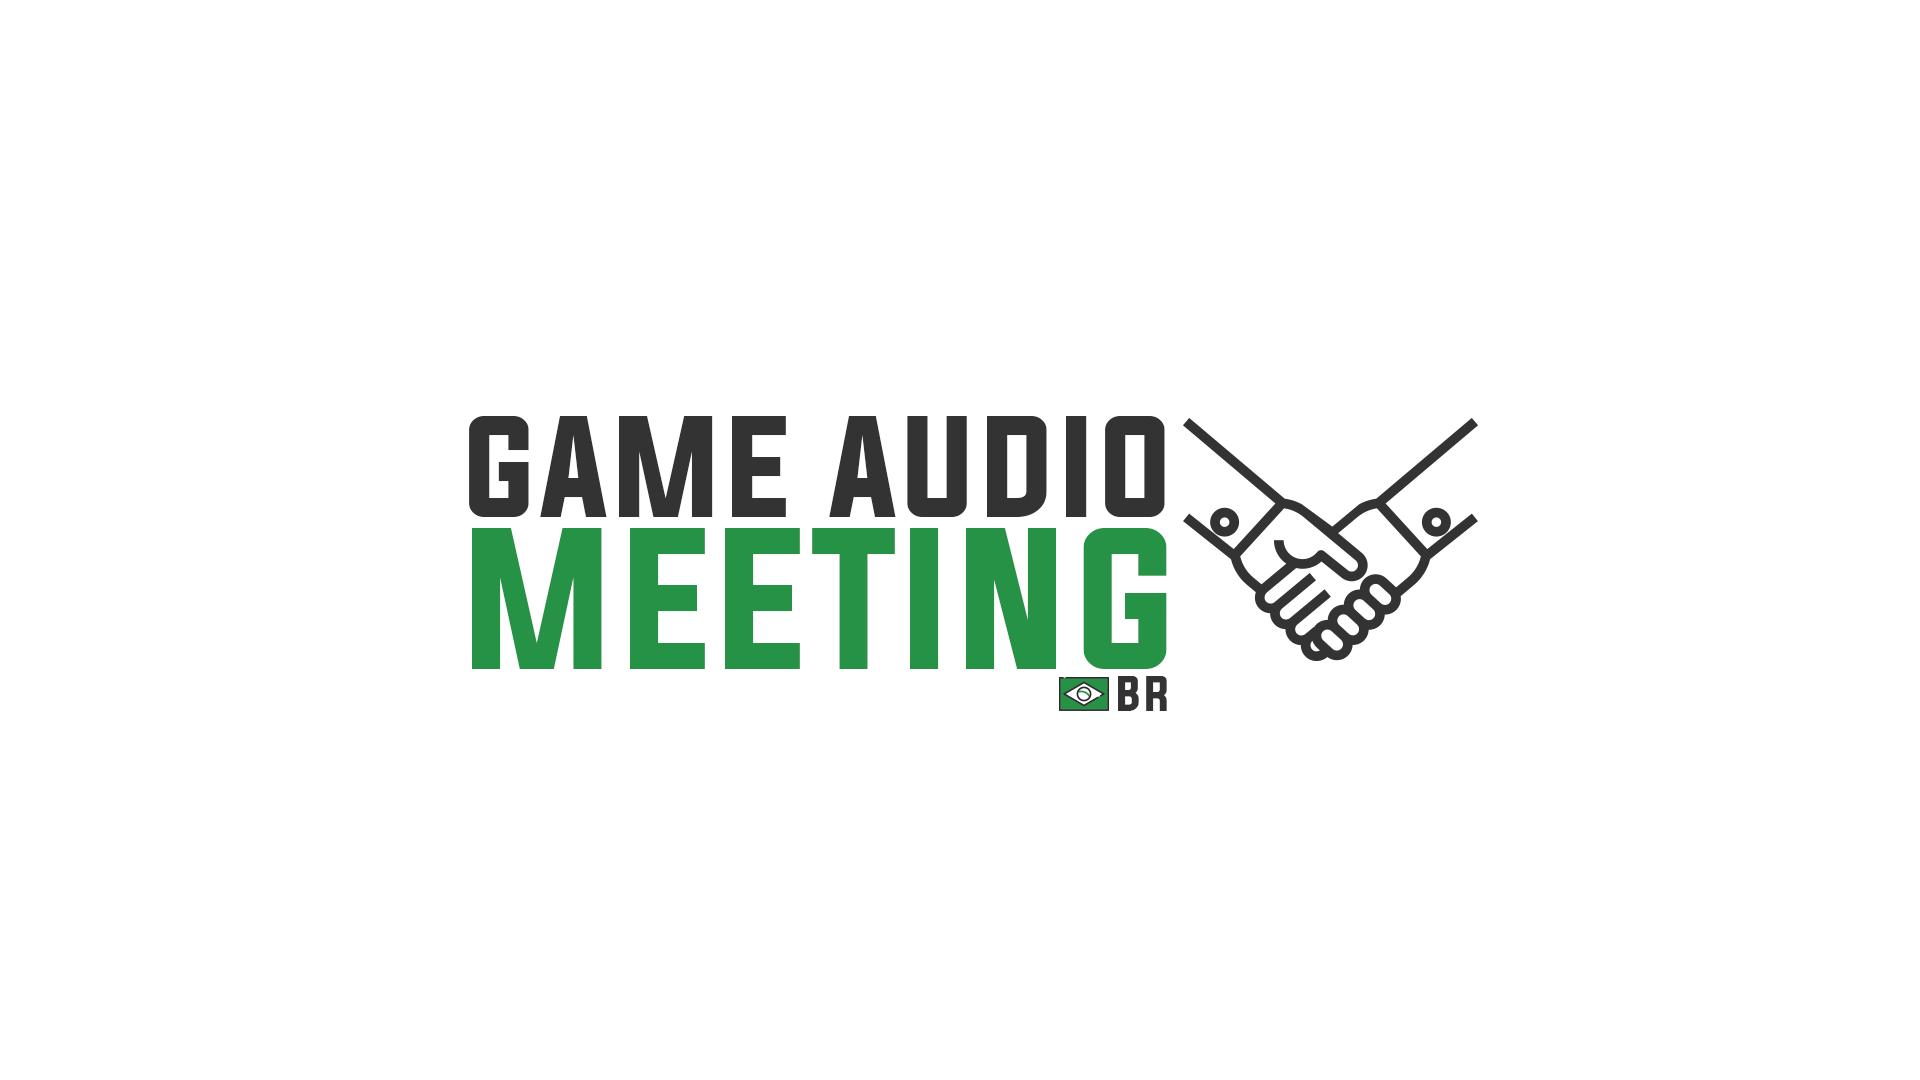 GAME AUDIO MEETING LOGO.png